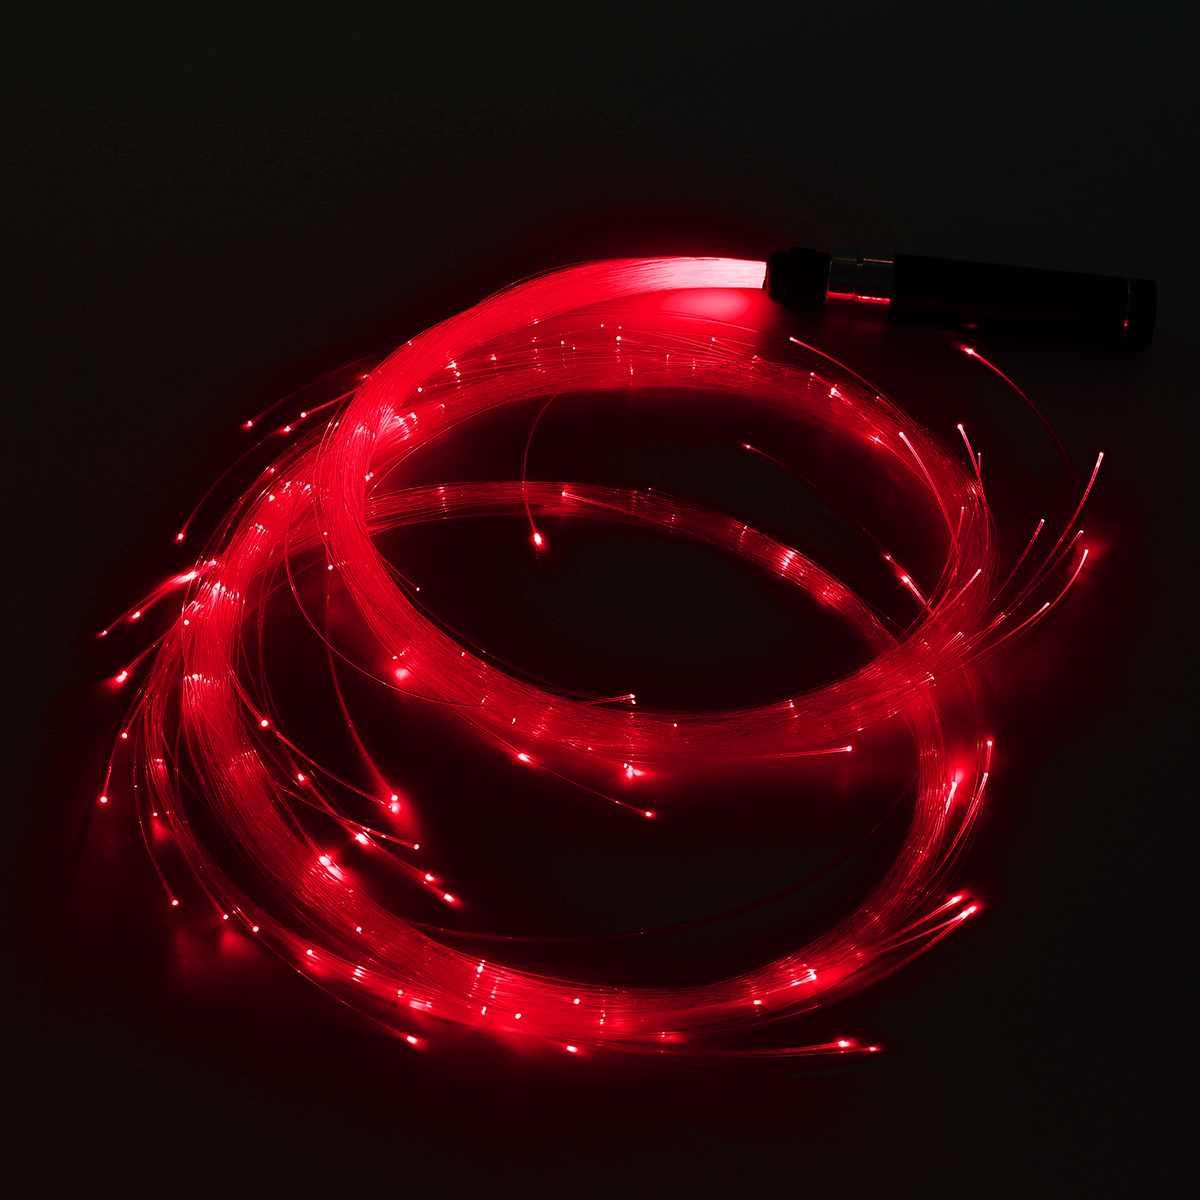 Luz de fibra óptica led whip fulgor luz multicolorido dança acender rave brinquedo festival dança brilho vara suprimentos festa lanterna